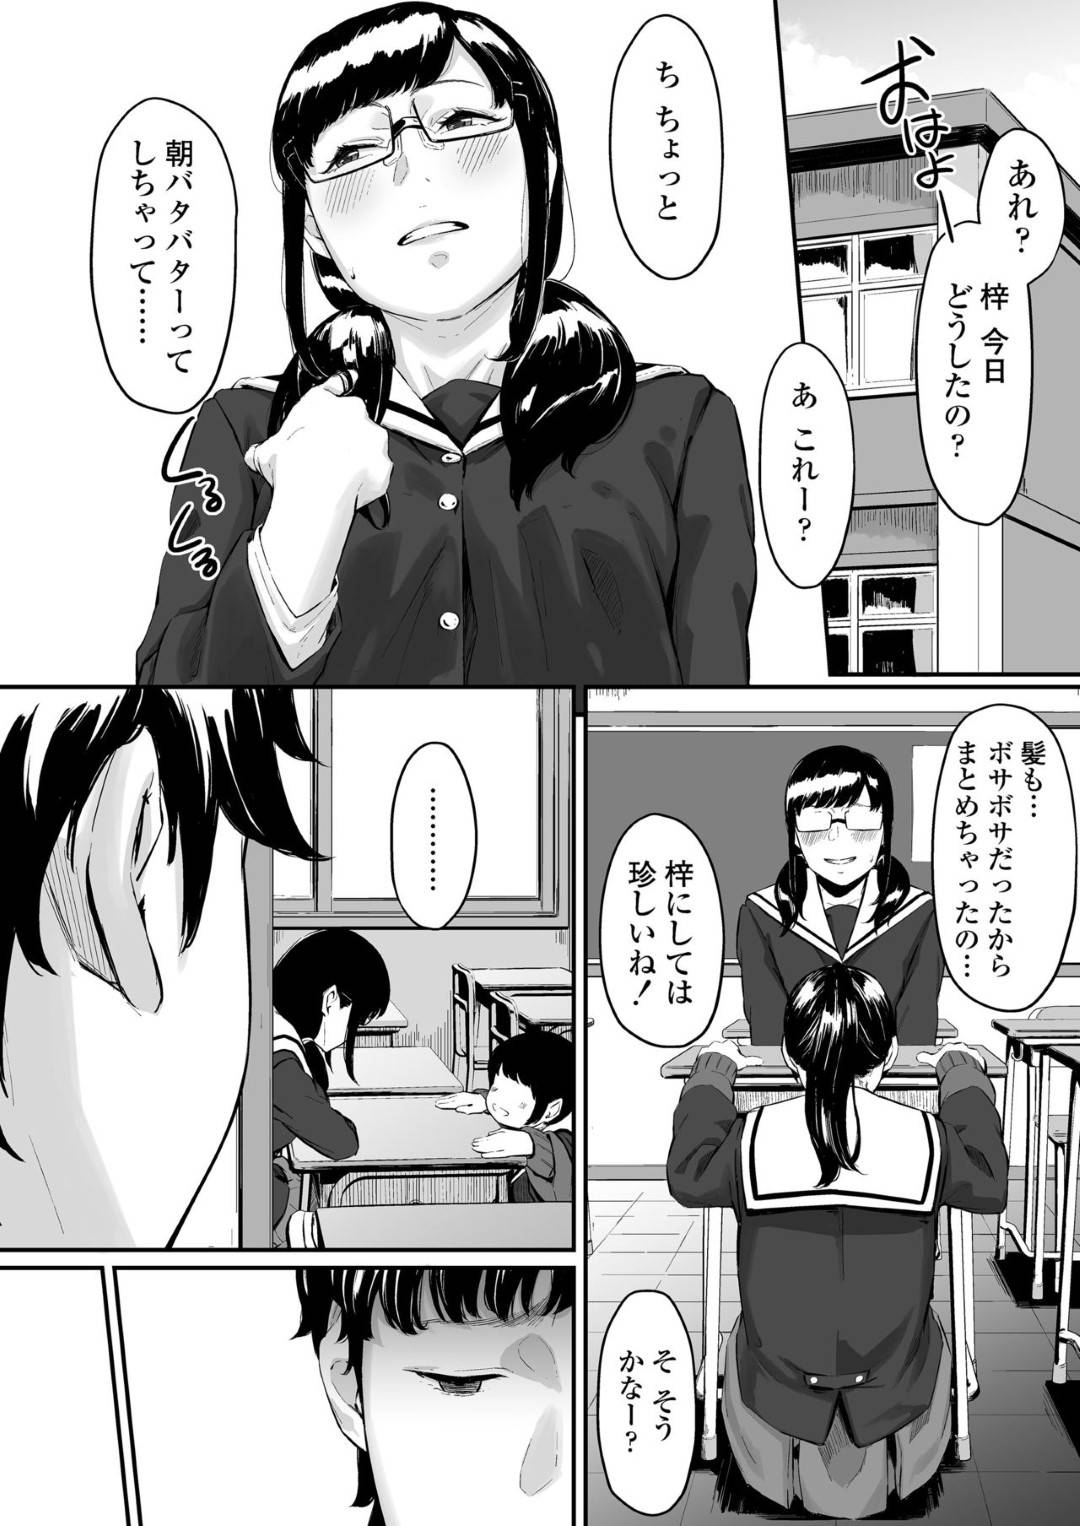 【エロ漫画】【エロ漫画】生徒会に寝取られた僕の彼女…彼女が他人に犯されているのを見させられて興奮してしまい、僕もまた別の女でヤルしかなかった【田スケ:オキナグサ狂咲】